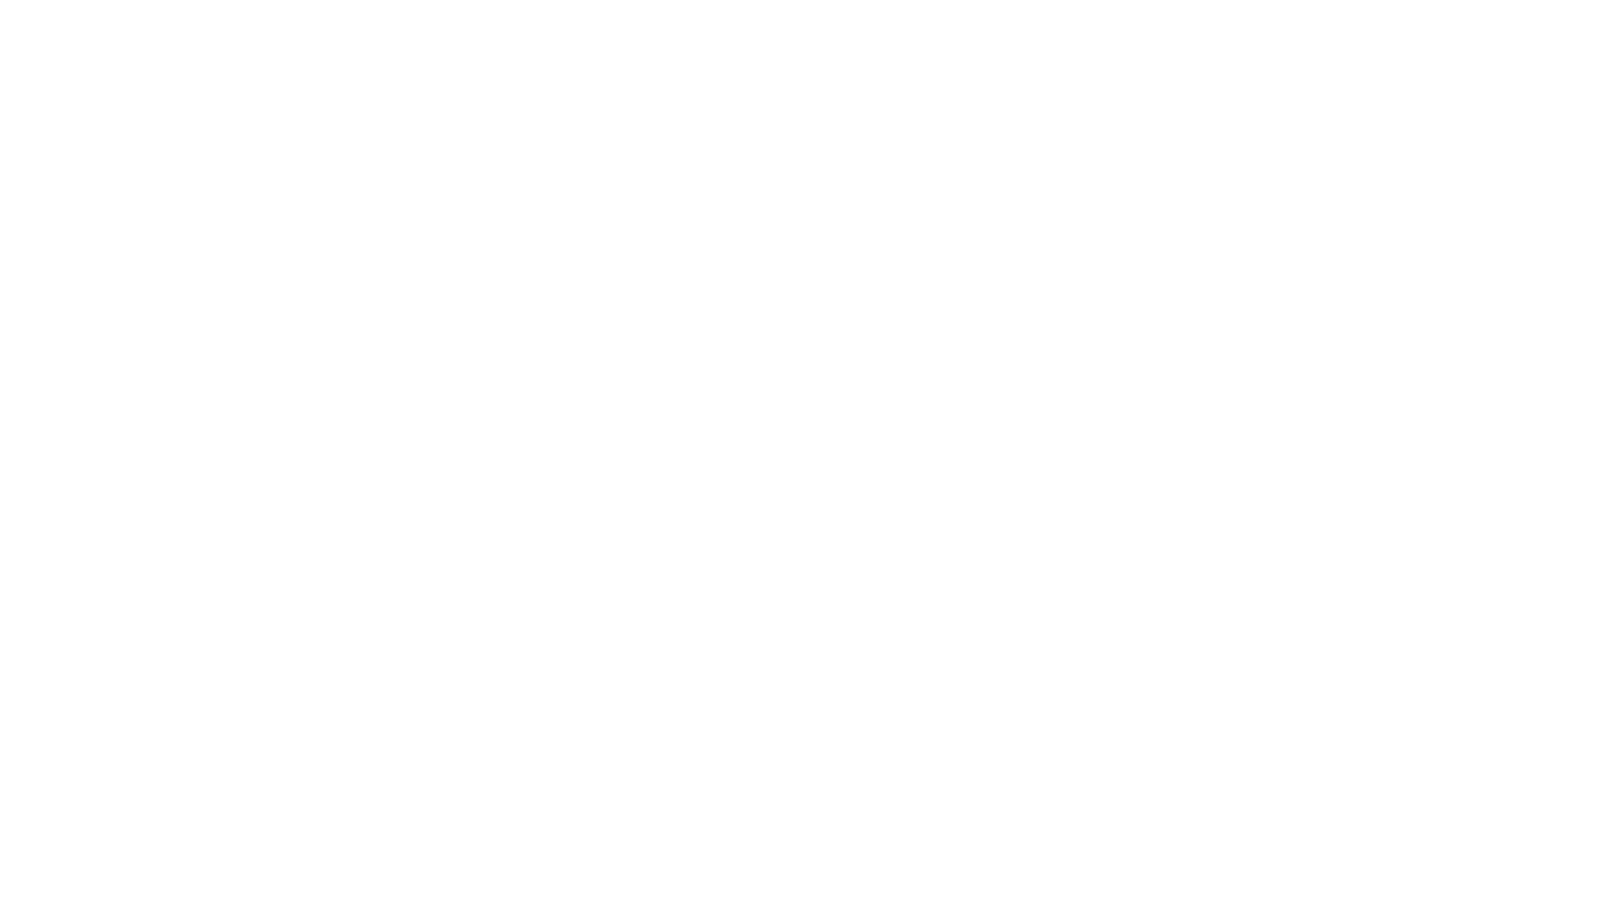 Este video es parte de una colección de materiales producidos por el Proyecto Reforma de la Educación Matemática en Costa Rica. Ingresa ya a https://recursoslibres.reformamatematica.net.  Le invitamos a suscribirse al canal del Proyecto Reforma de la Educación Matemática en Costa Rica https://www.youtube.com/c/Reformadela... Para más información: https://www.reformamatematica.net/